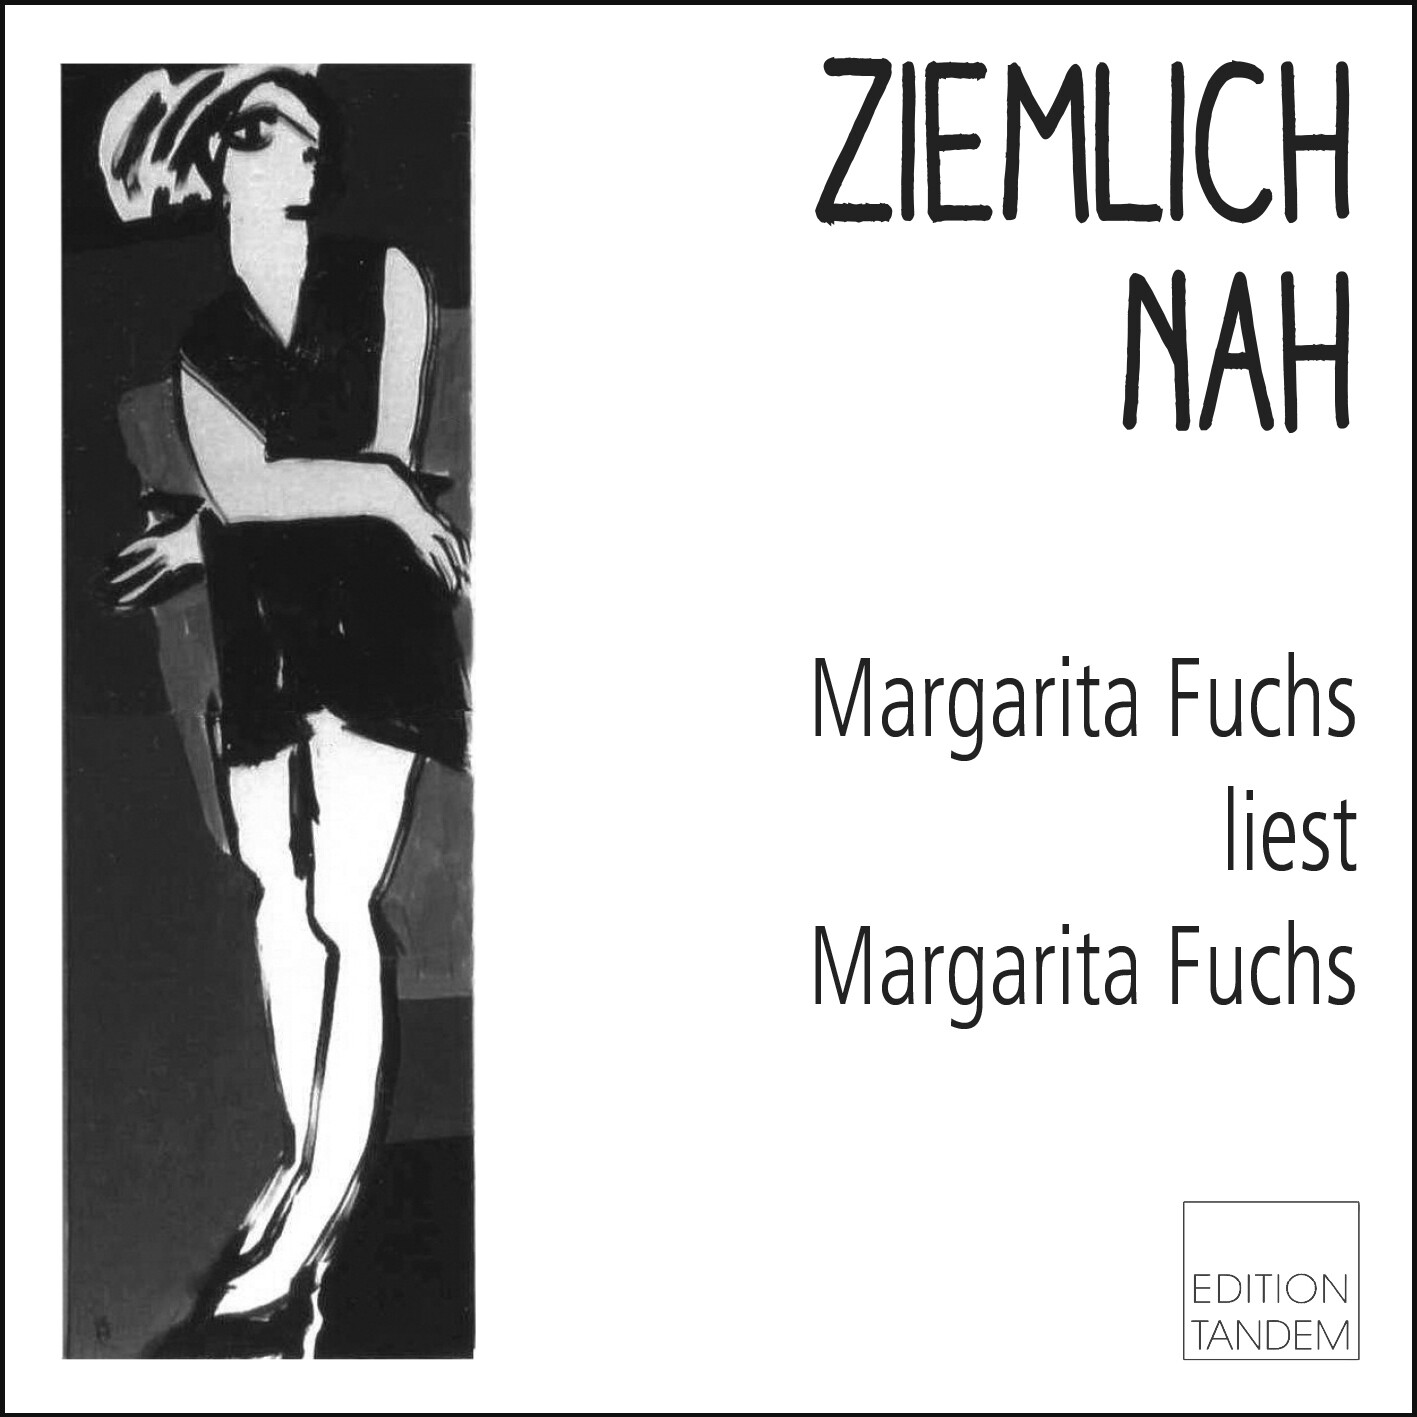 ZIEMLICH NAH - Margarita Fuchs liest Margarita Fuchs - in Kombination mit Kauf eines Buches